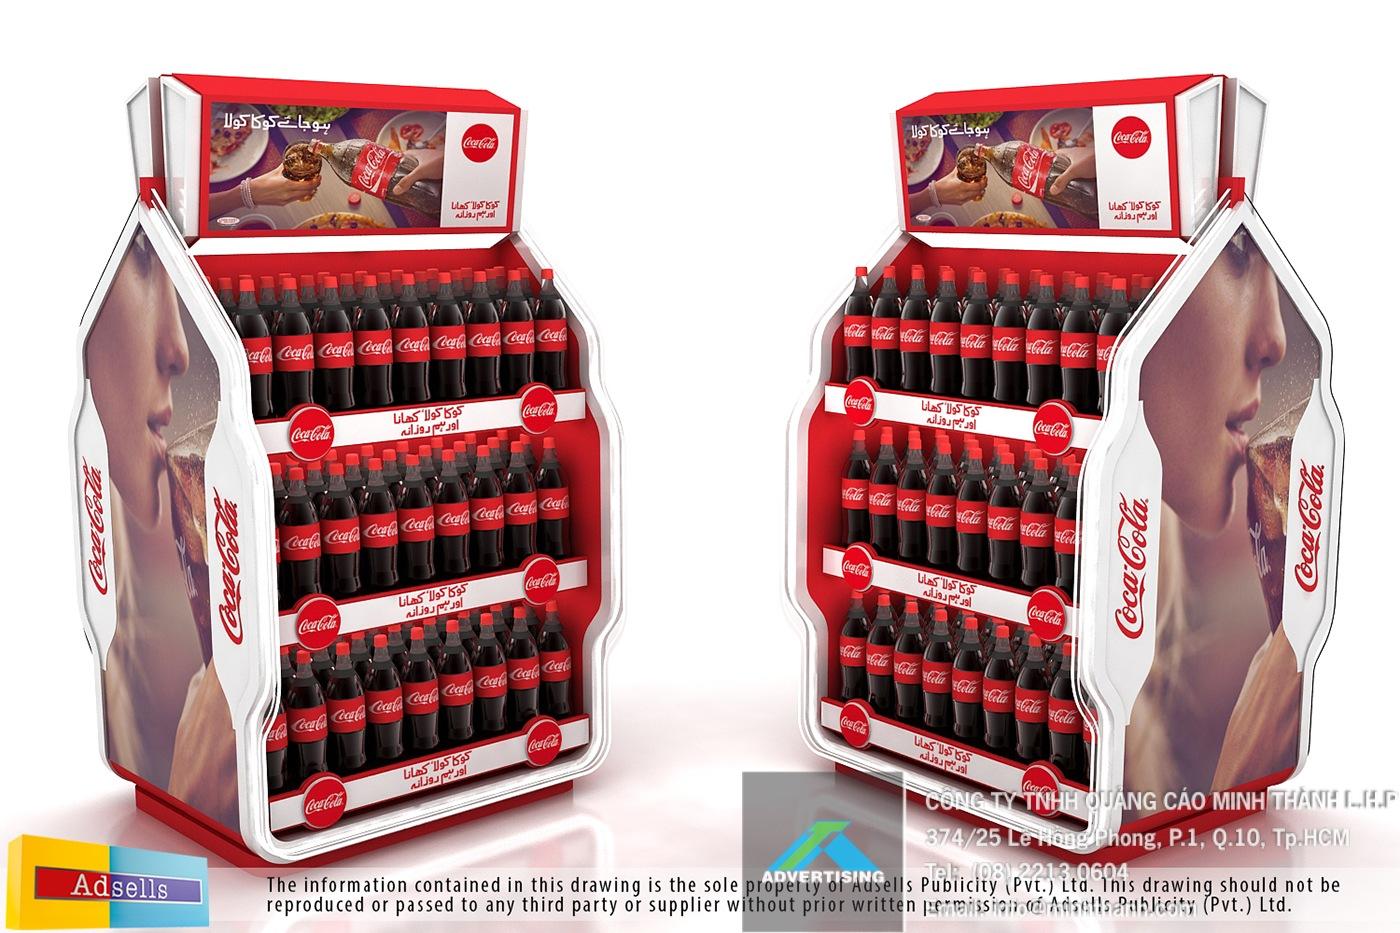 Mẫu kệ trưng bày Coke (phần 2)